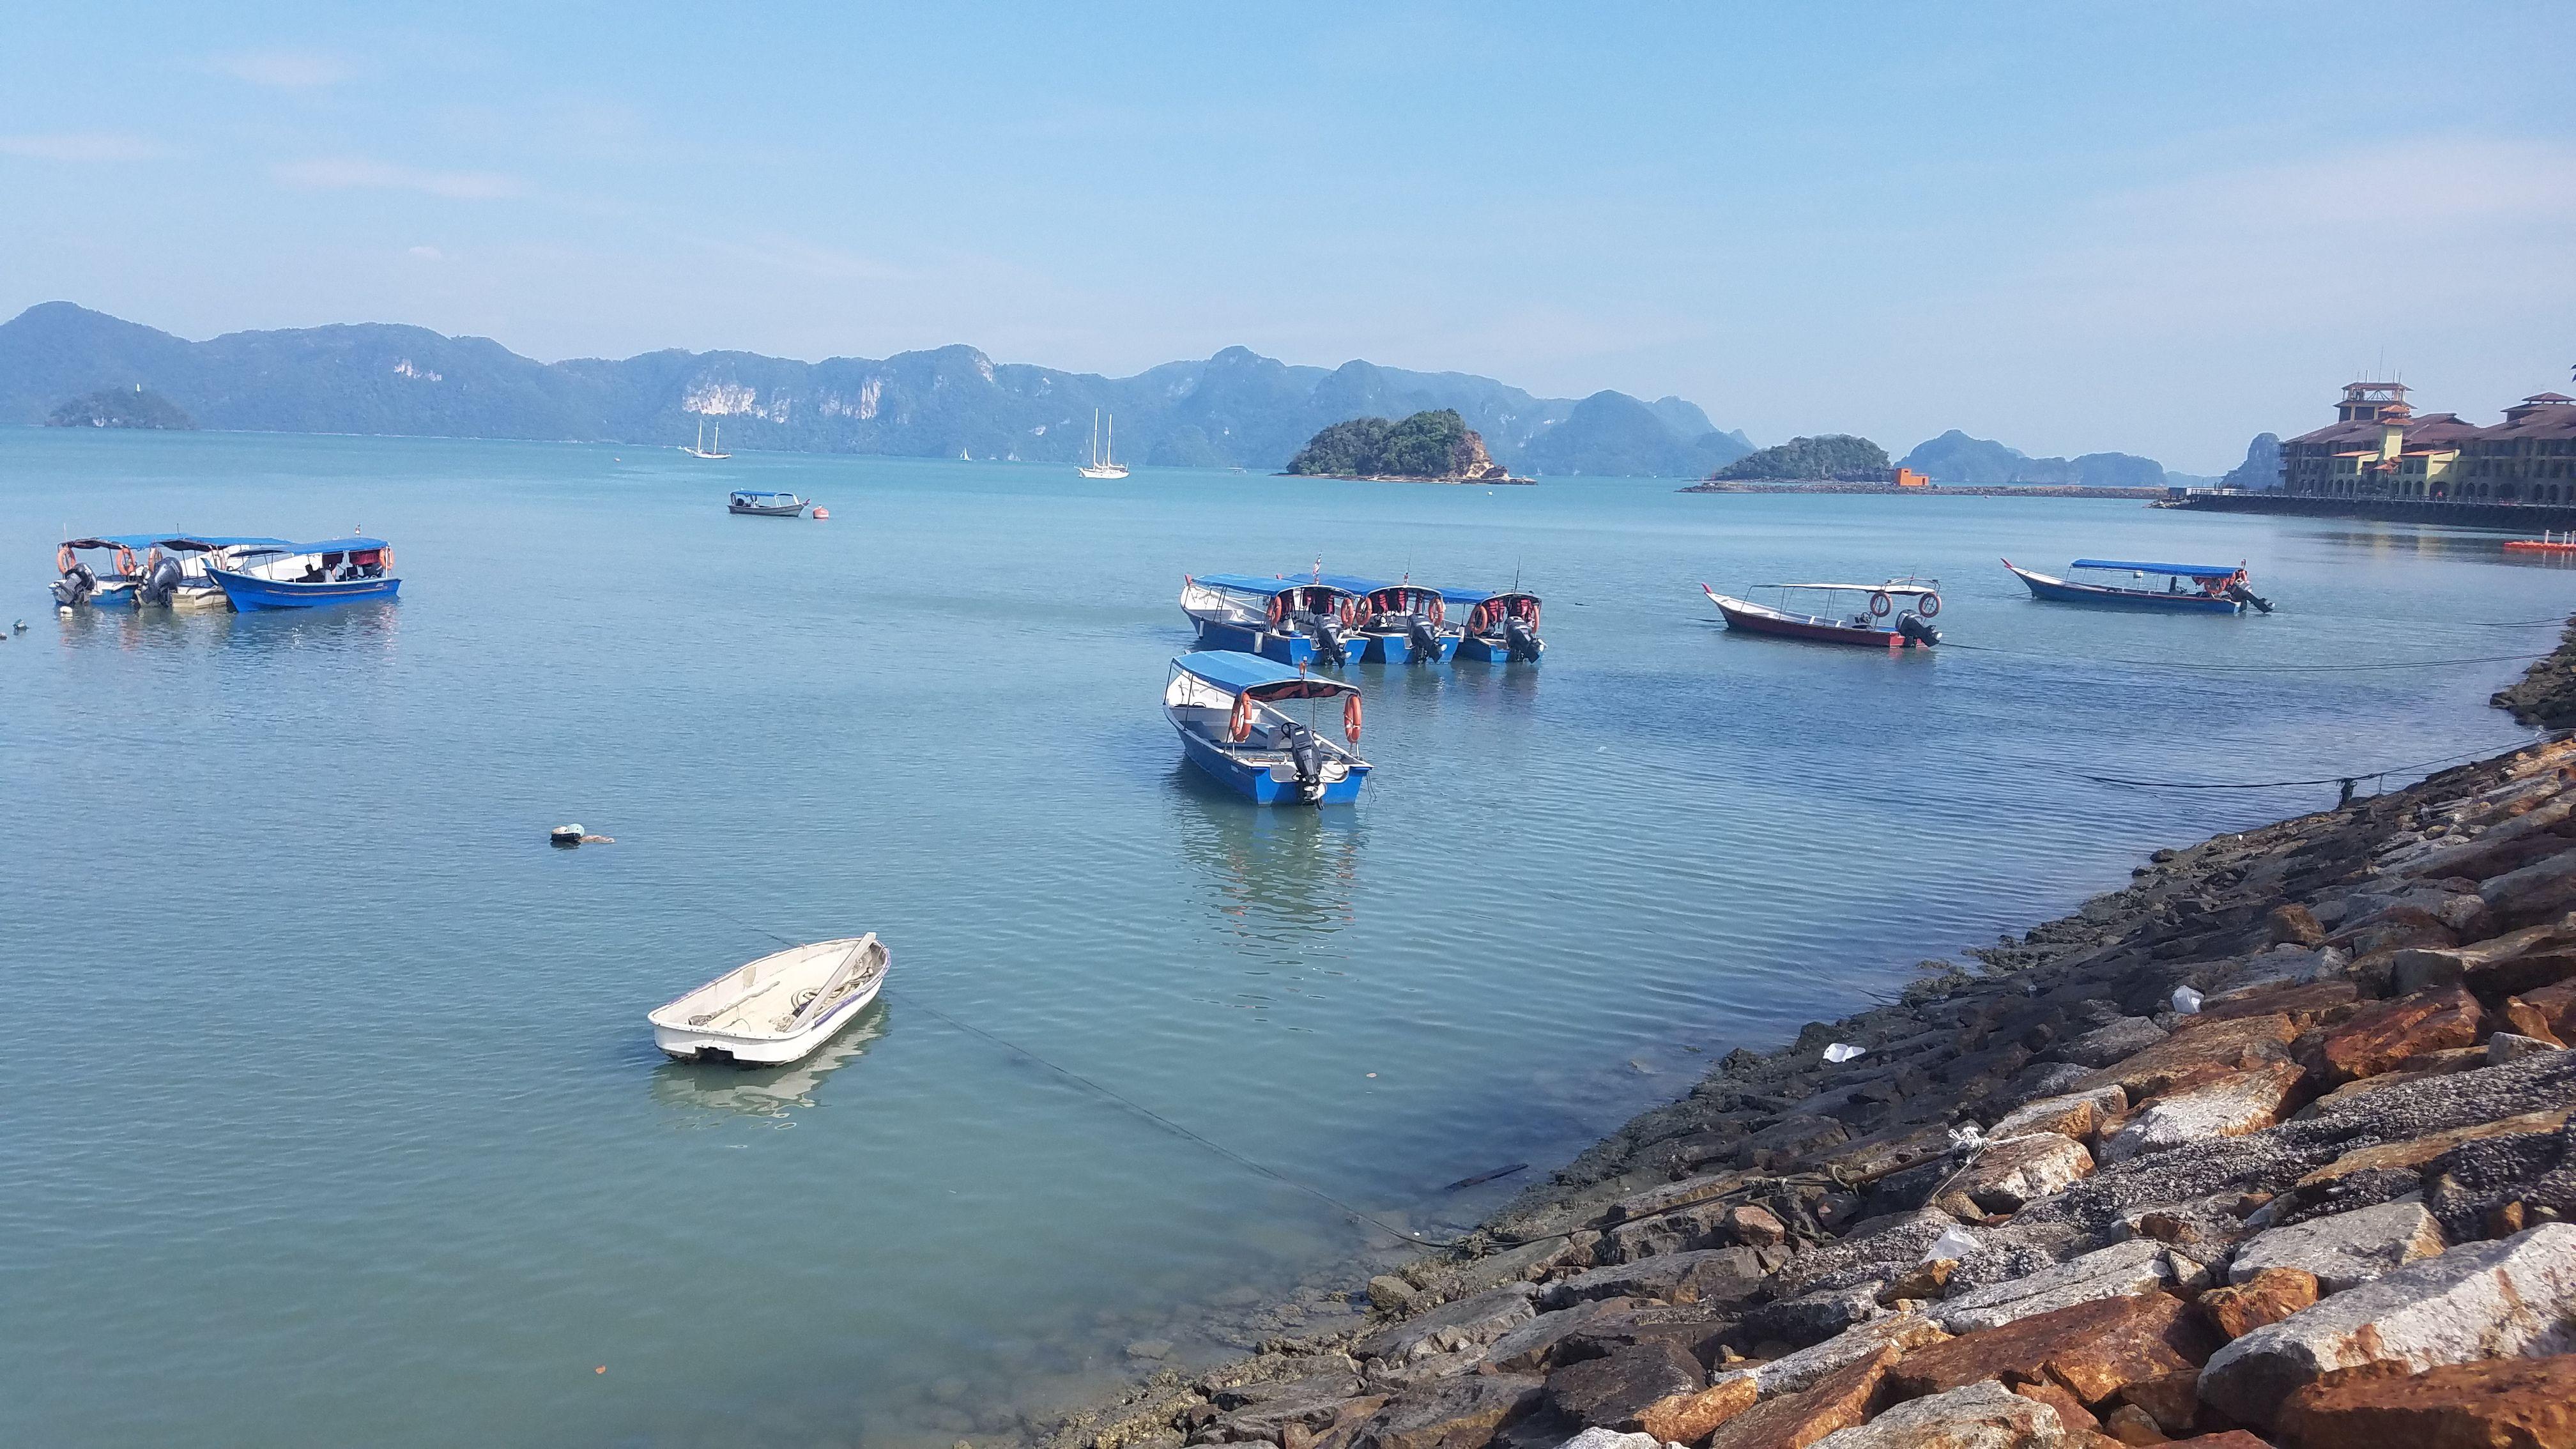 Small boats off the coastline of Pulau Langkawi, Malaysia